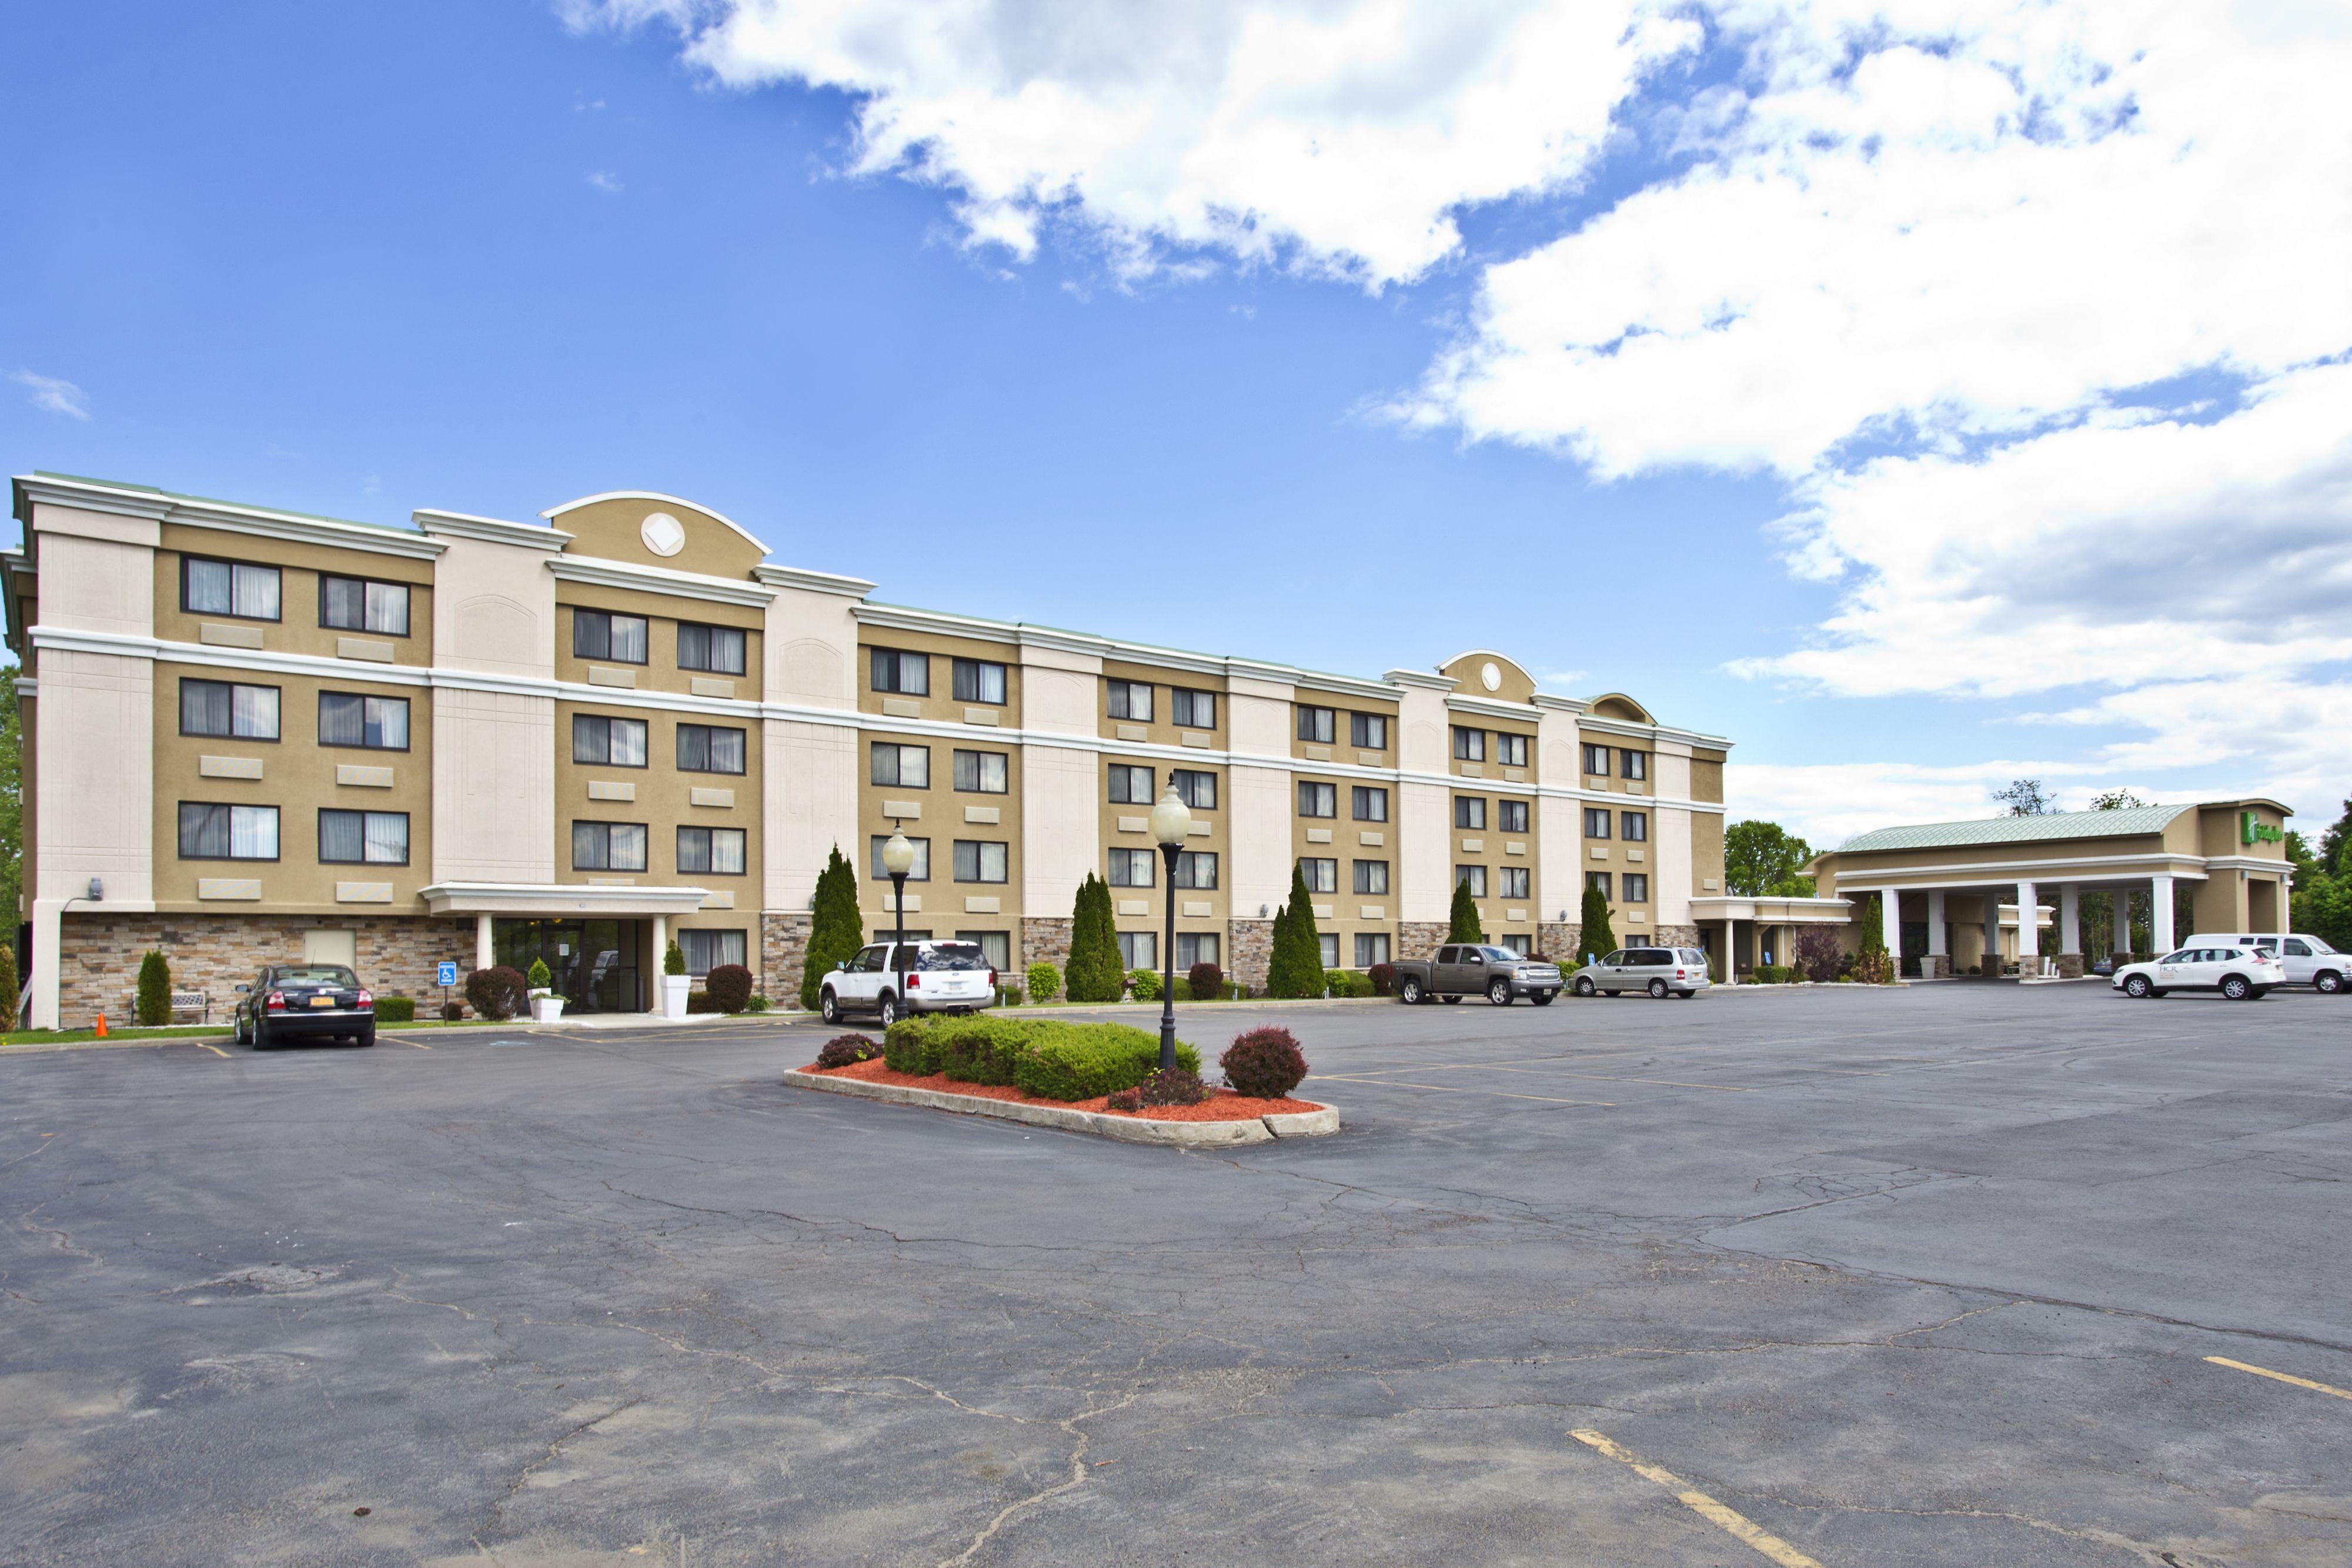 Hotels Plattsburgh Ny Area